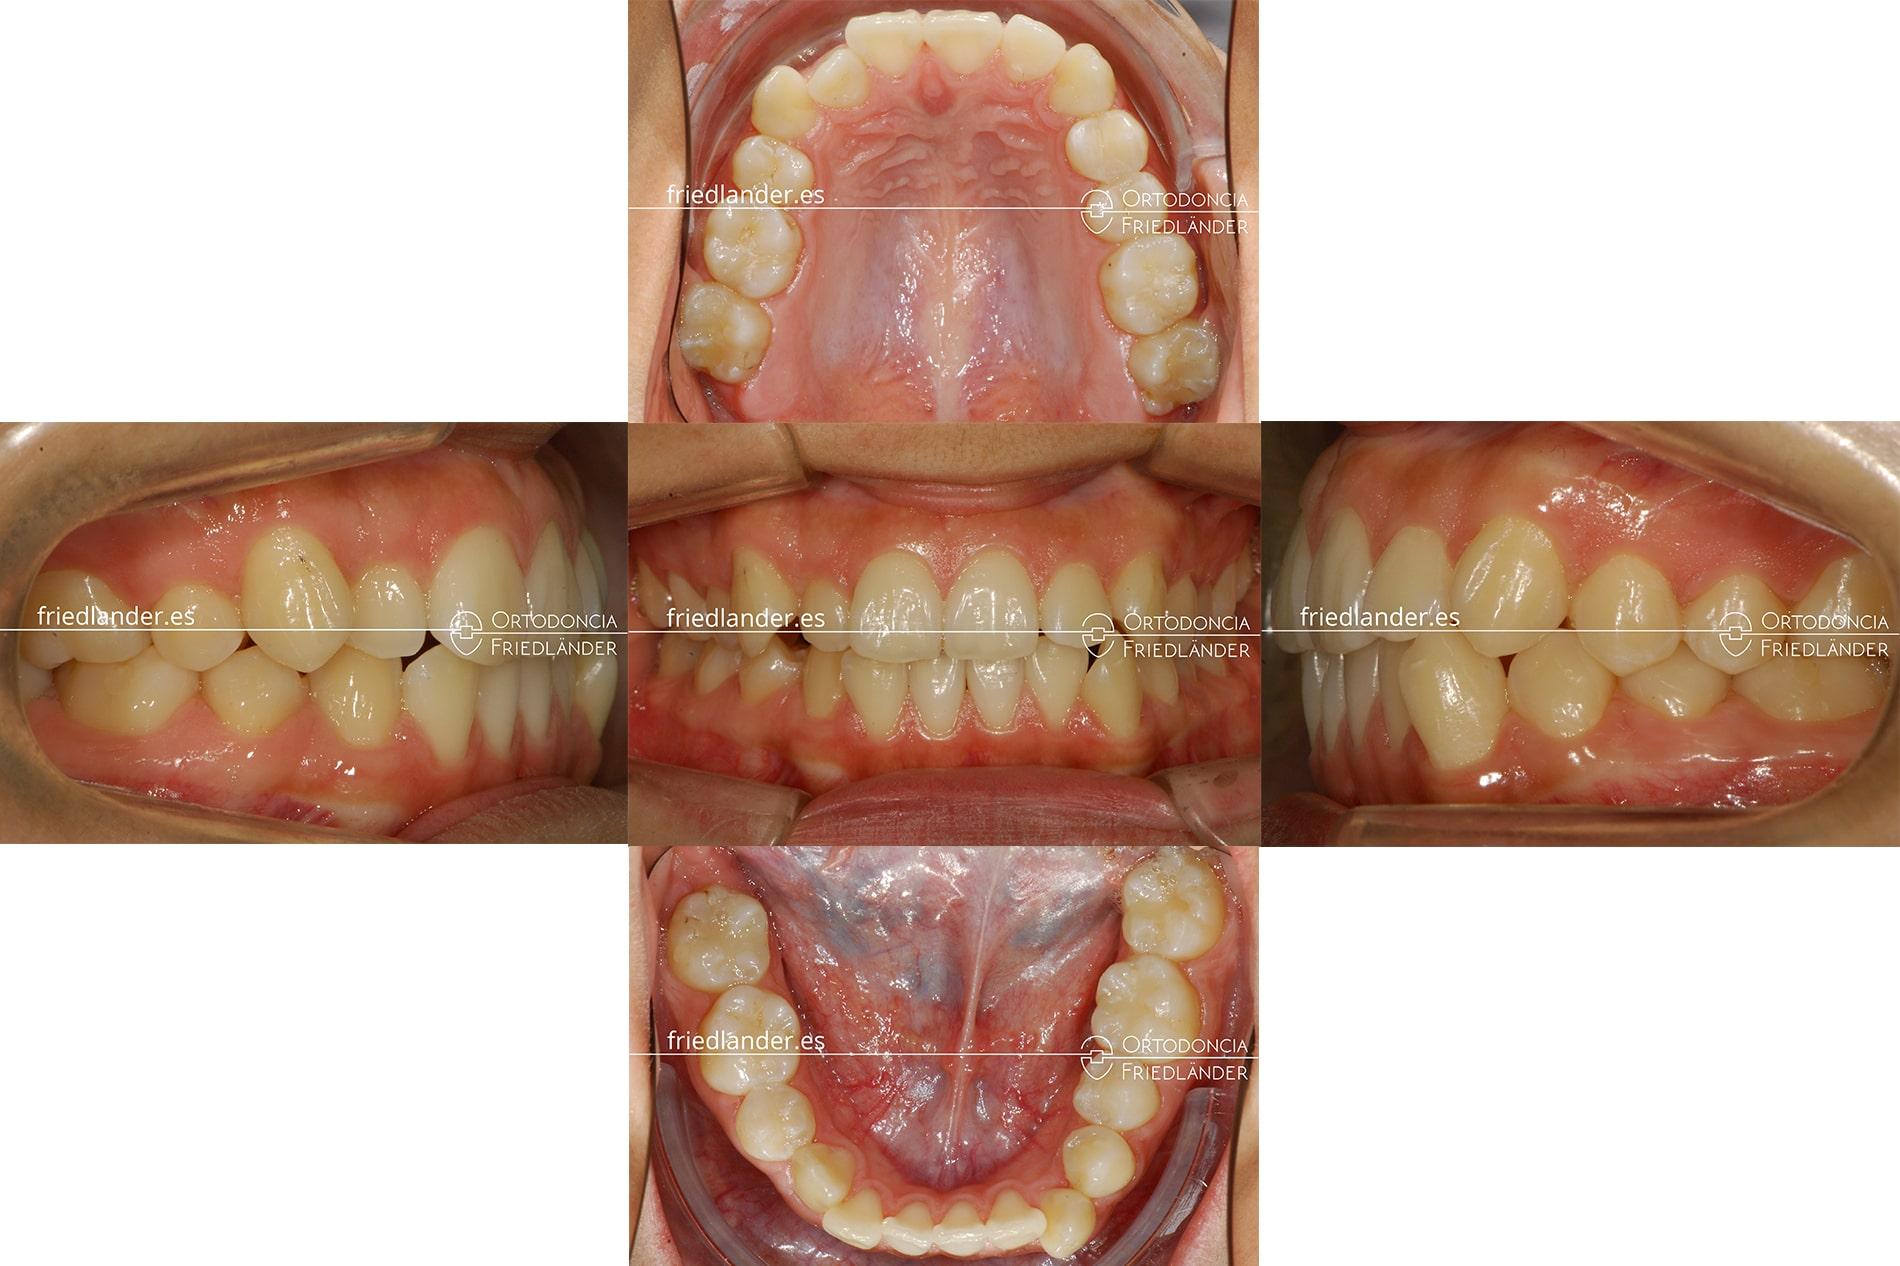 tratamiento de ortodoncia ortodoncia barcelona